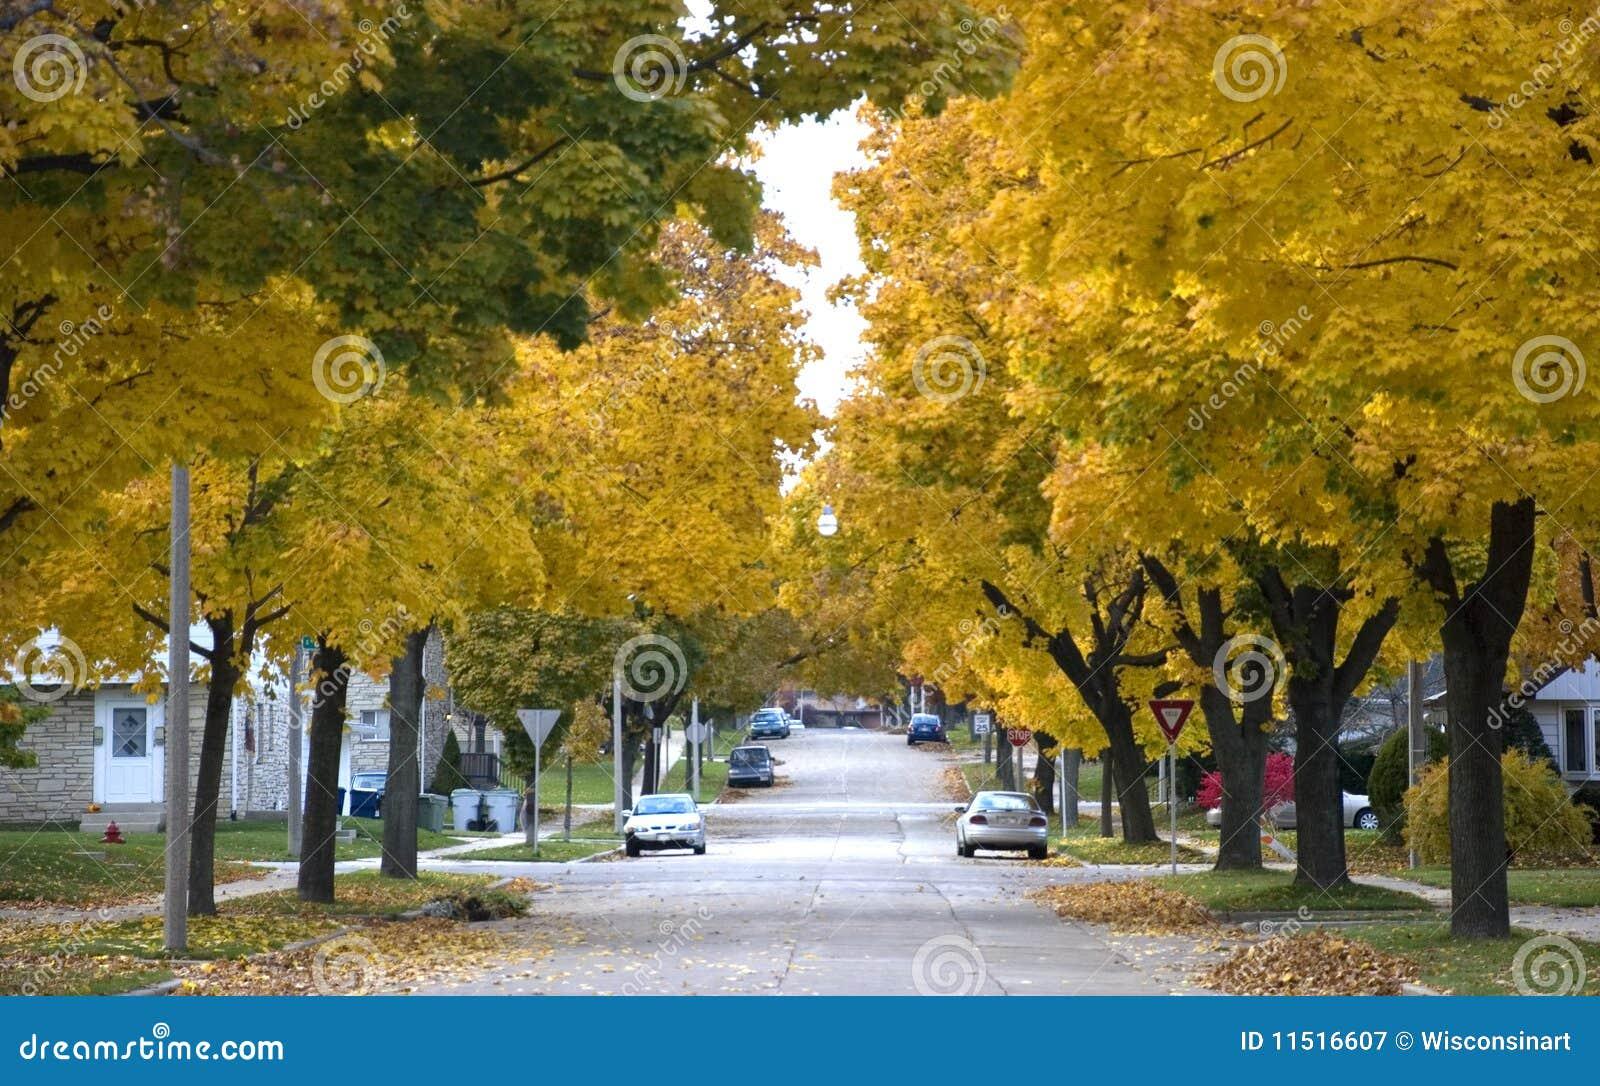 Φθινόπωρο στην πόλη,  Οικίαες, σπίτια, γειτονιά